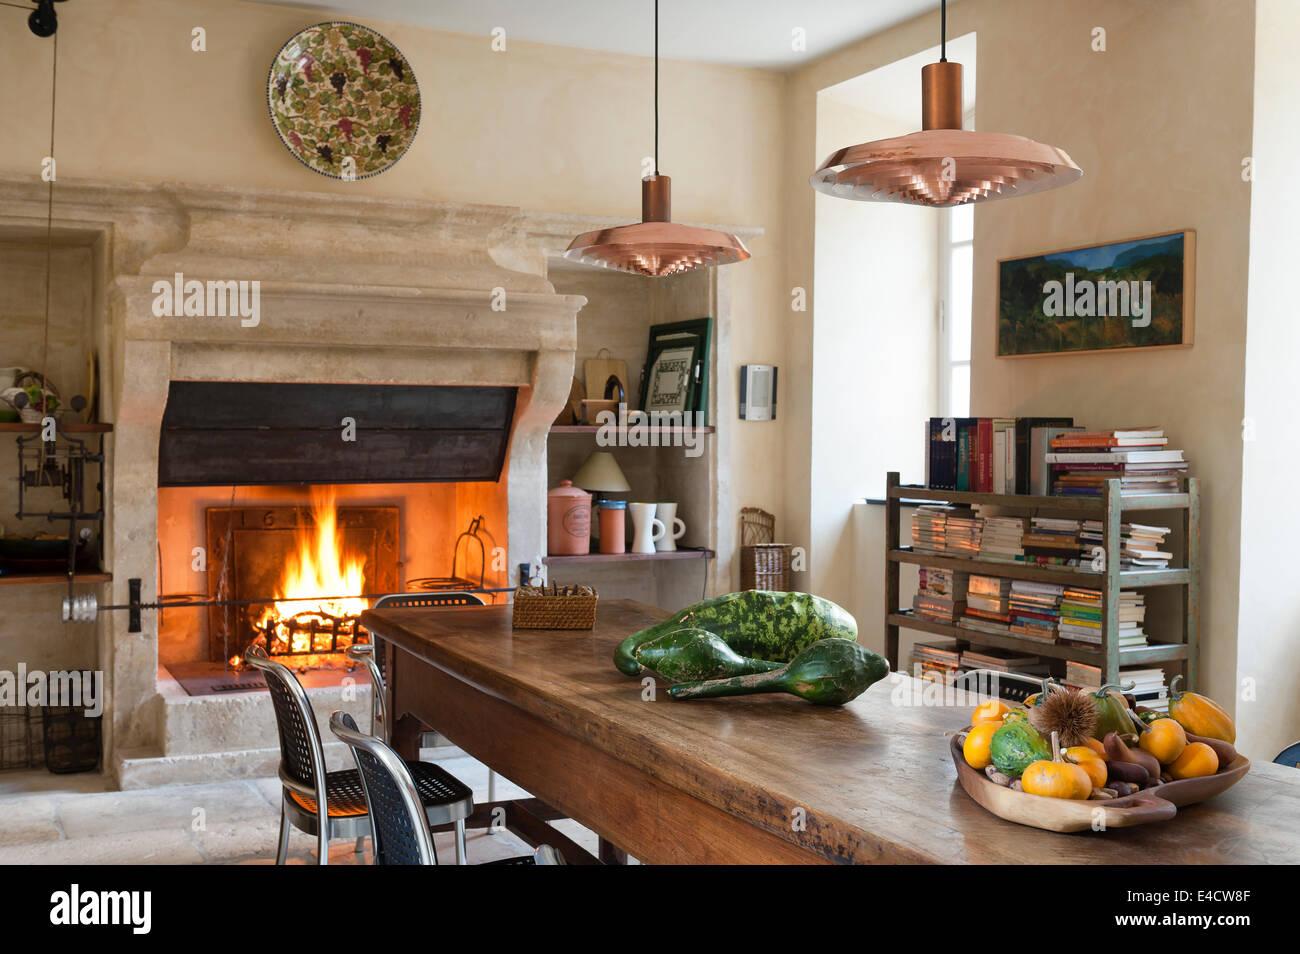 Cocina provenzal con gran chimenea de piedra y mesa de comedor de ...